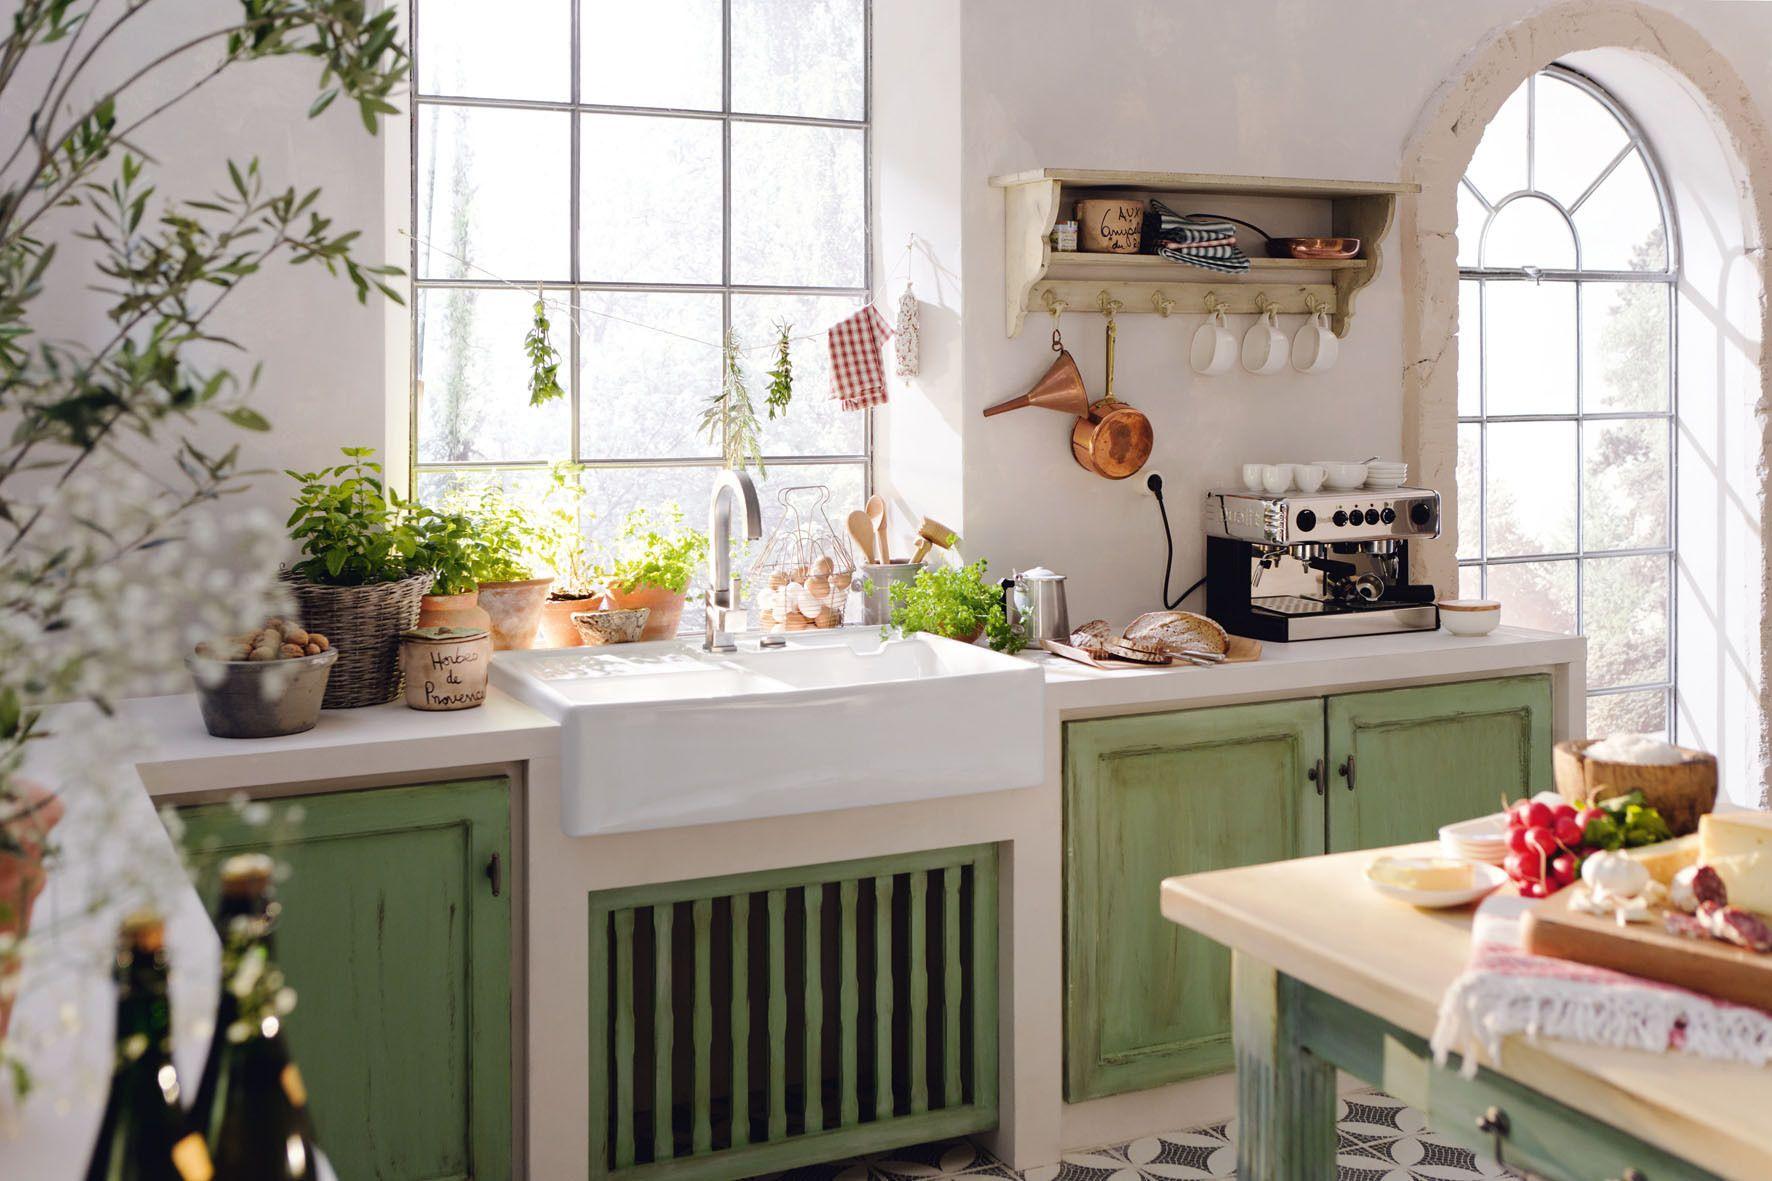 Full Size of Kchenfronten Erneuern Kleiner Aufwand Holzküche Vollholzküche Massivholzküche Wohnzimmer Holzküche Auffrischen